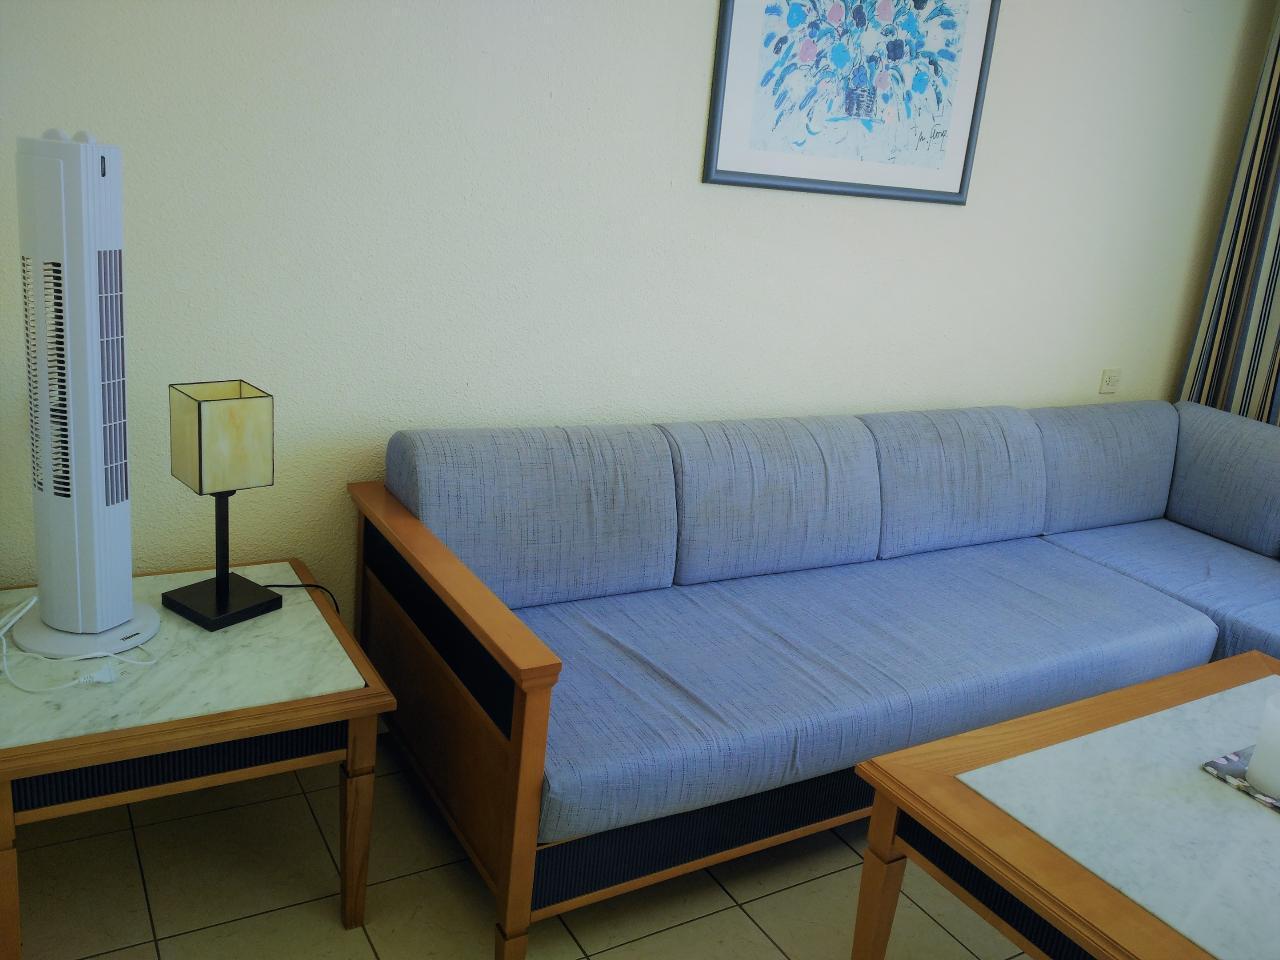 Ferienwohnung Apartment 2 / 4er Direkt am Meer, mit Blick auf den Strand, Schwimmbäder, ausgestattet. WI (634890), Morro Jable, Fuerteventura, Kanarische Inseln, Spanien, Bild 7